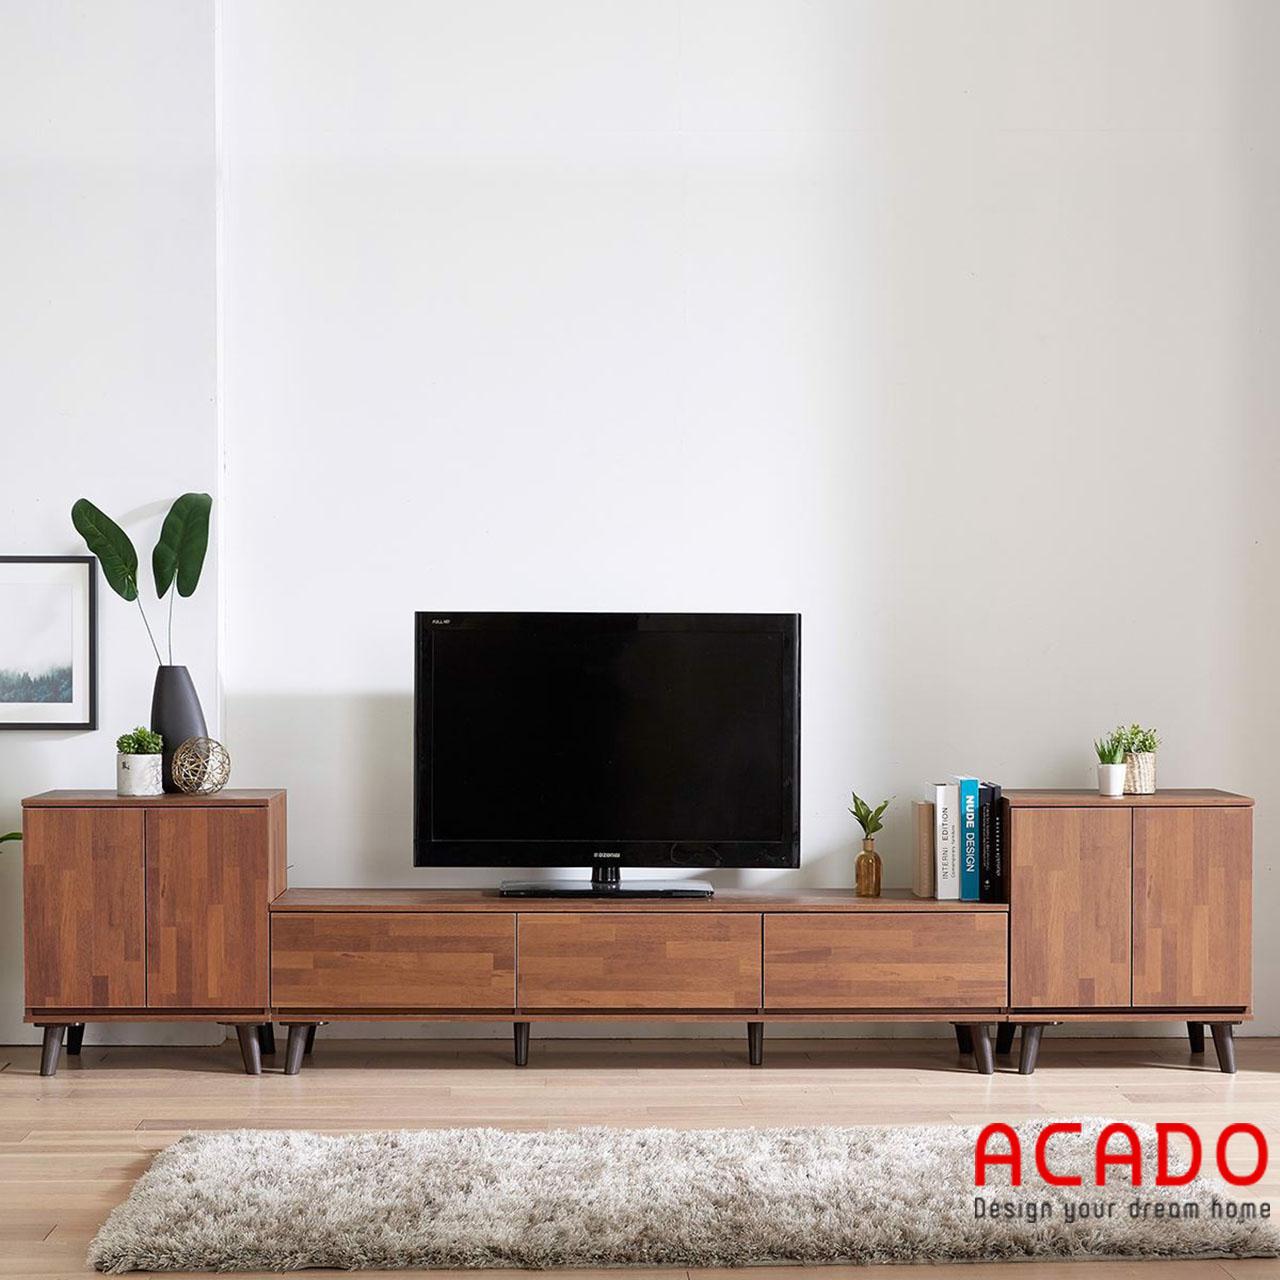 Kệ tivi chất liệu gỗ tự nhiên kiểu dáng đơn giản, hiện đại